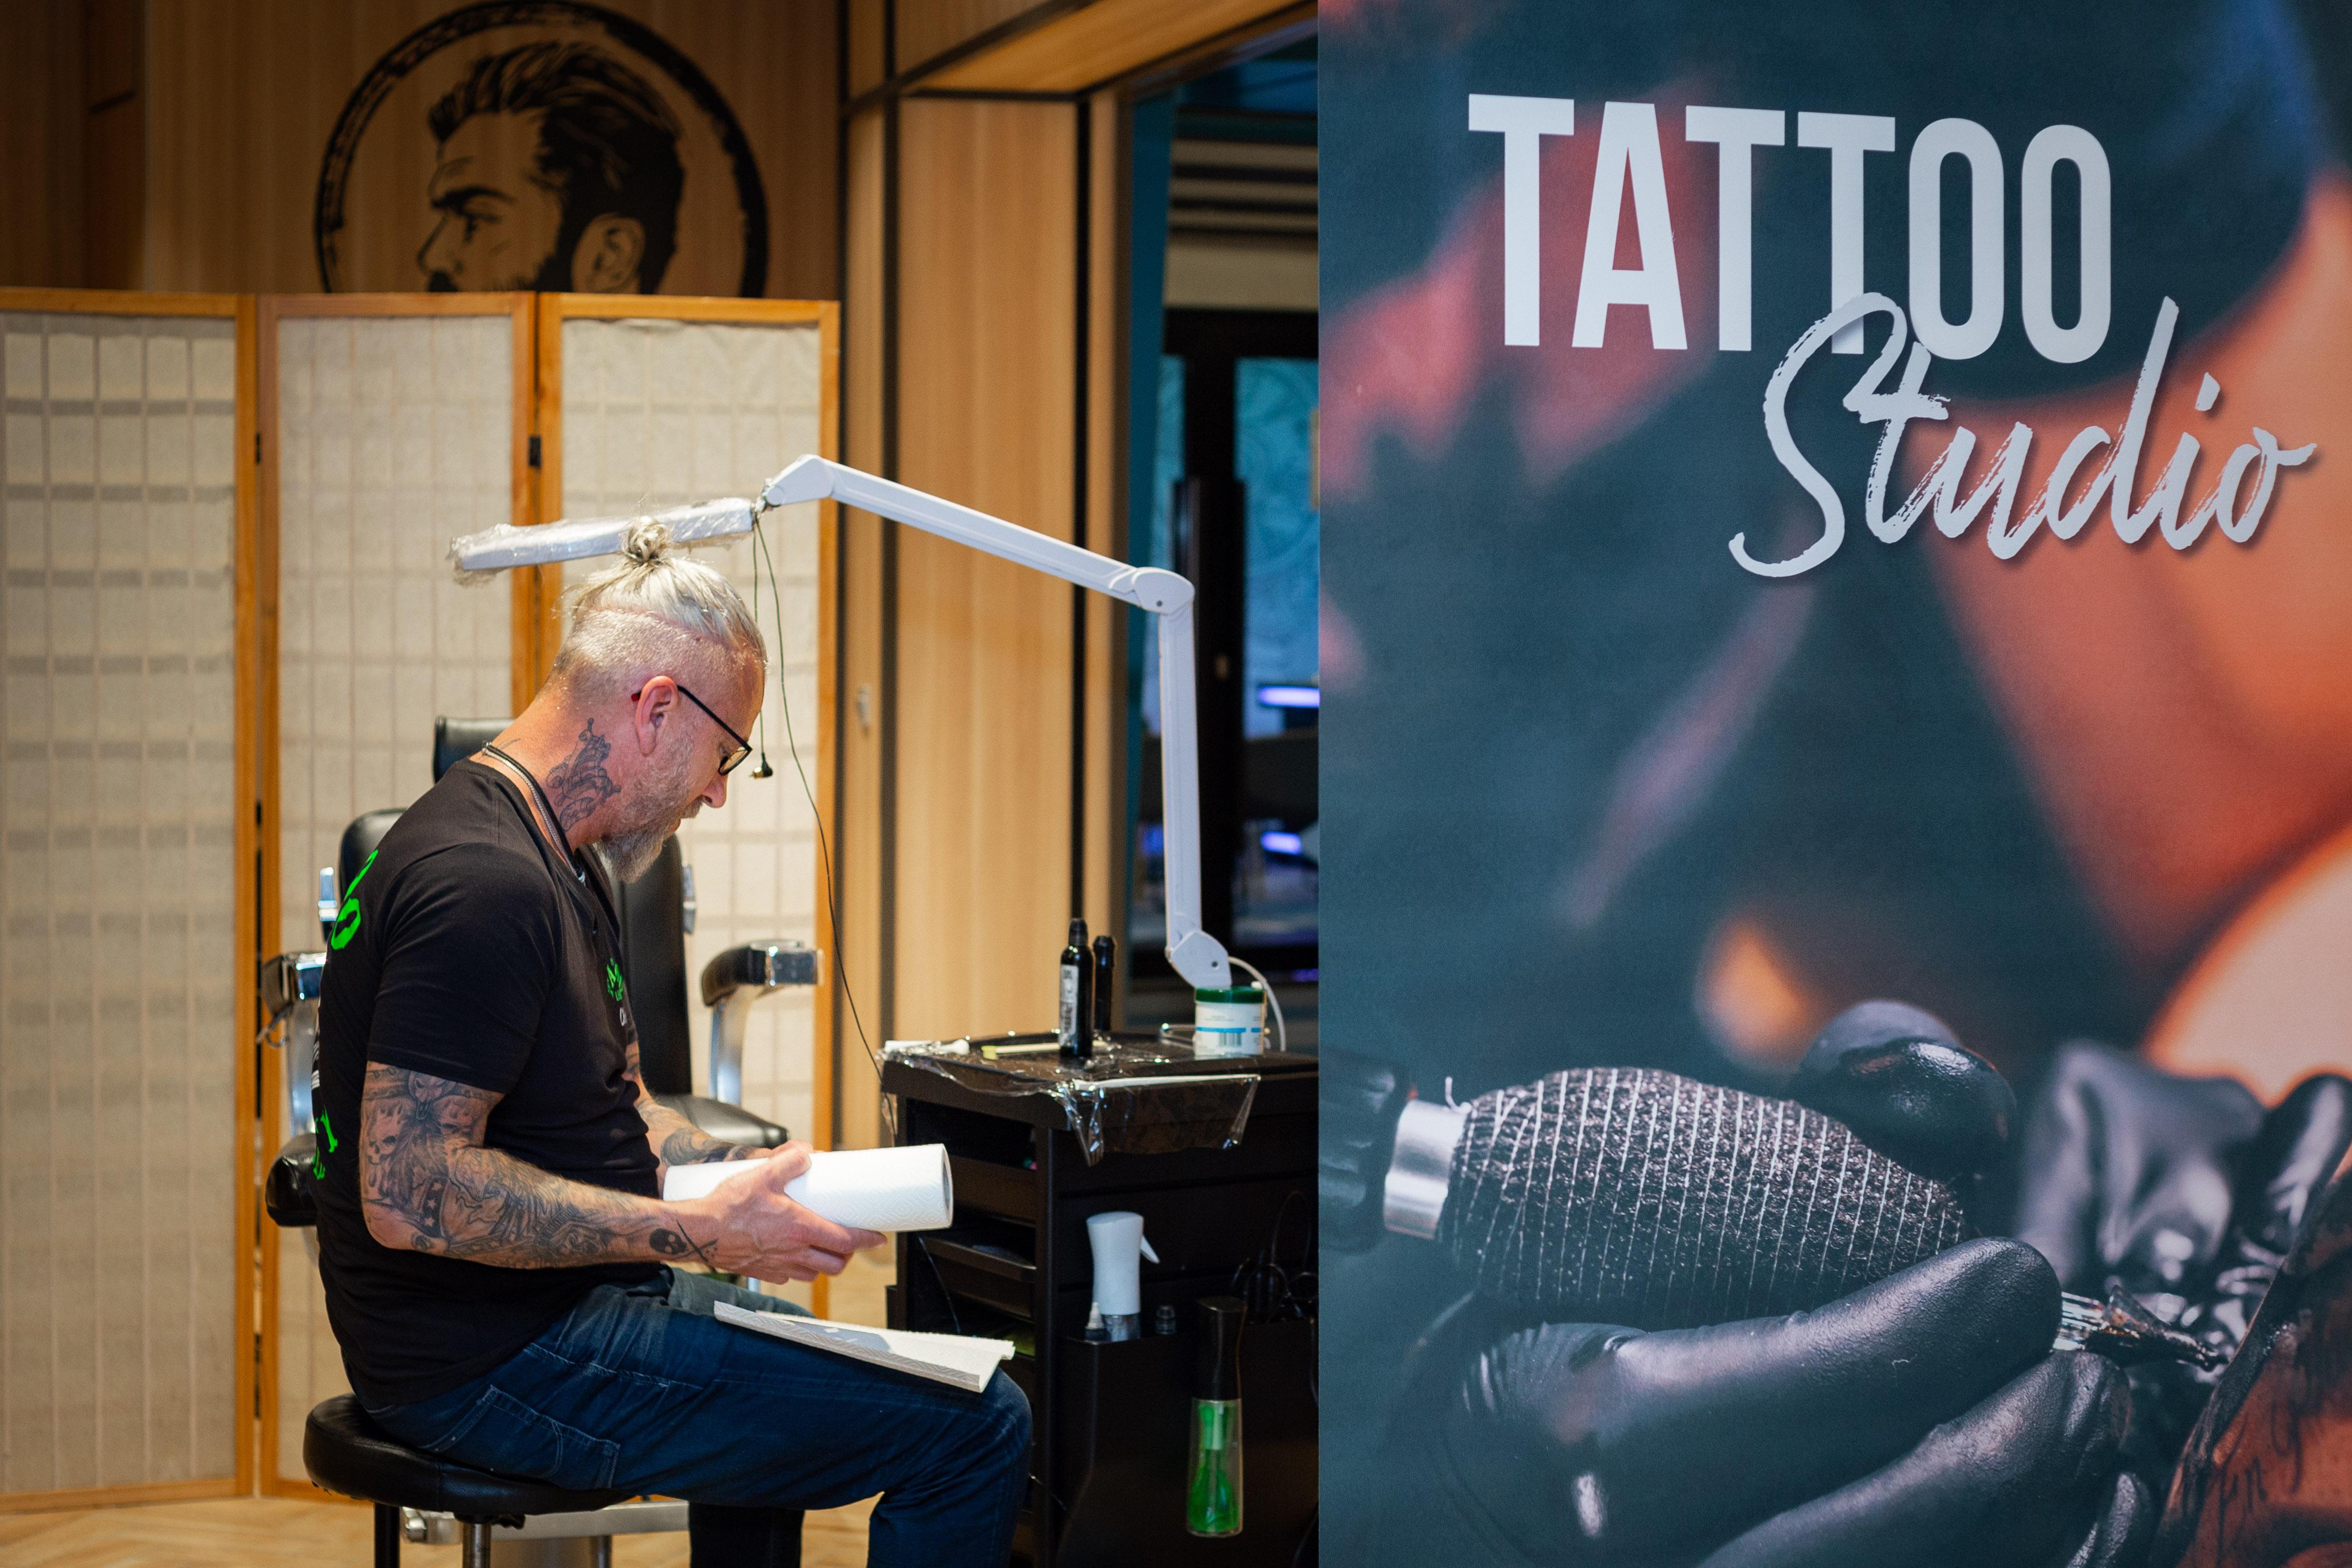 Das Tattoo Studio auf der Mein Schiff 2